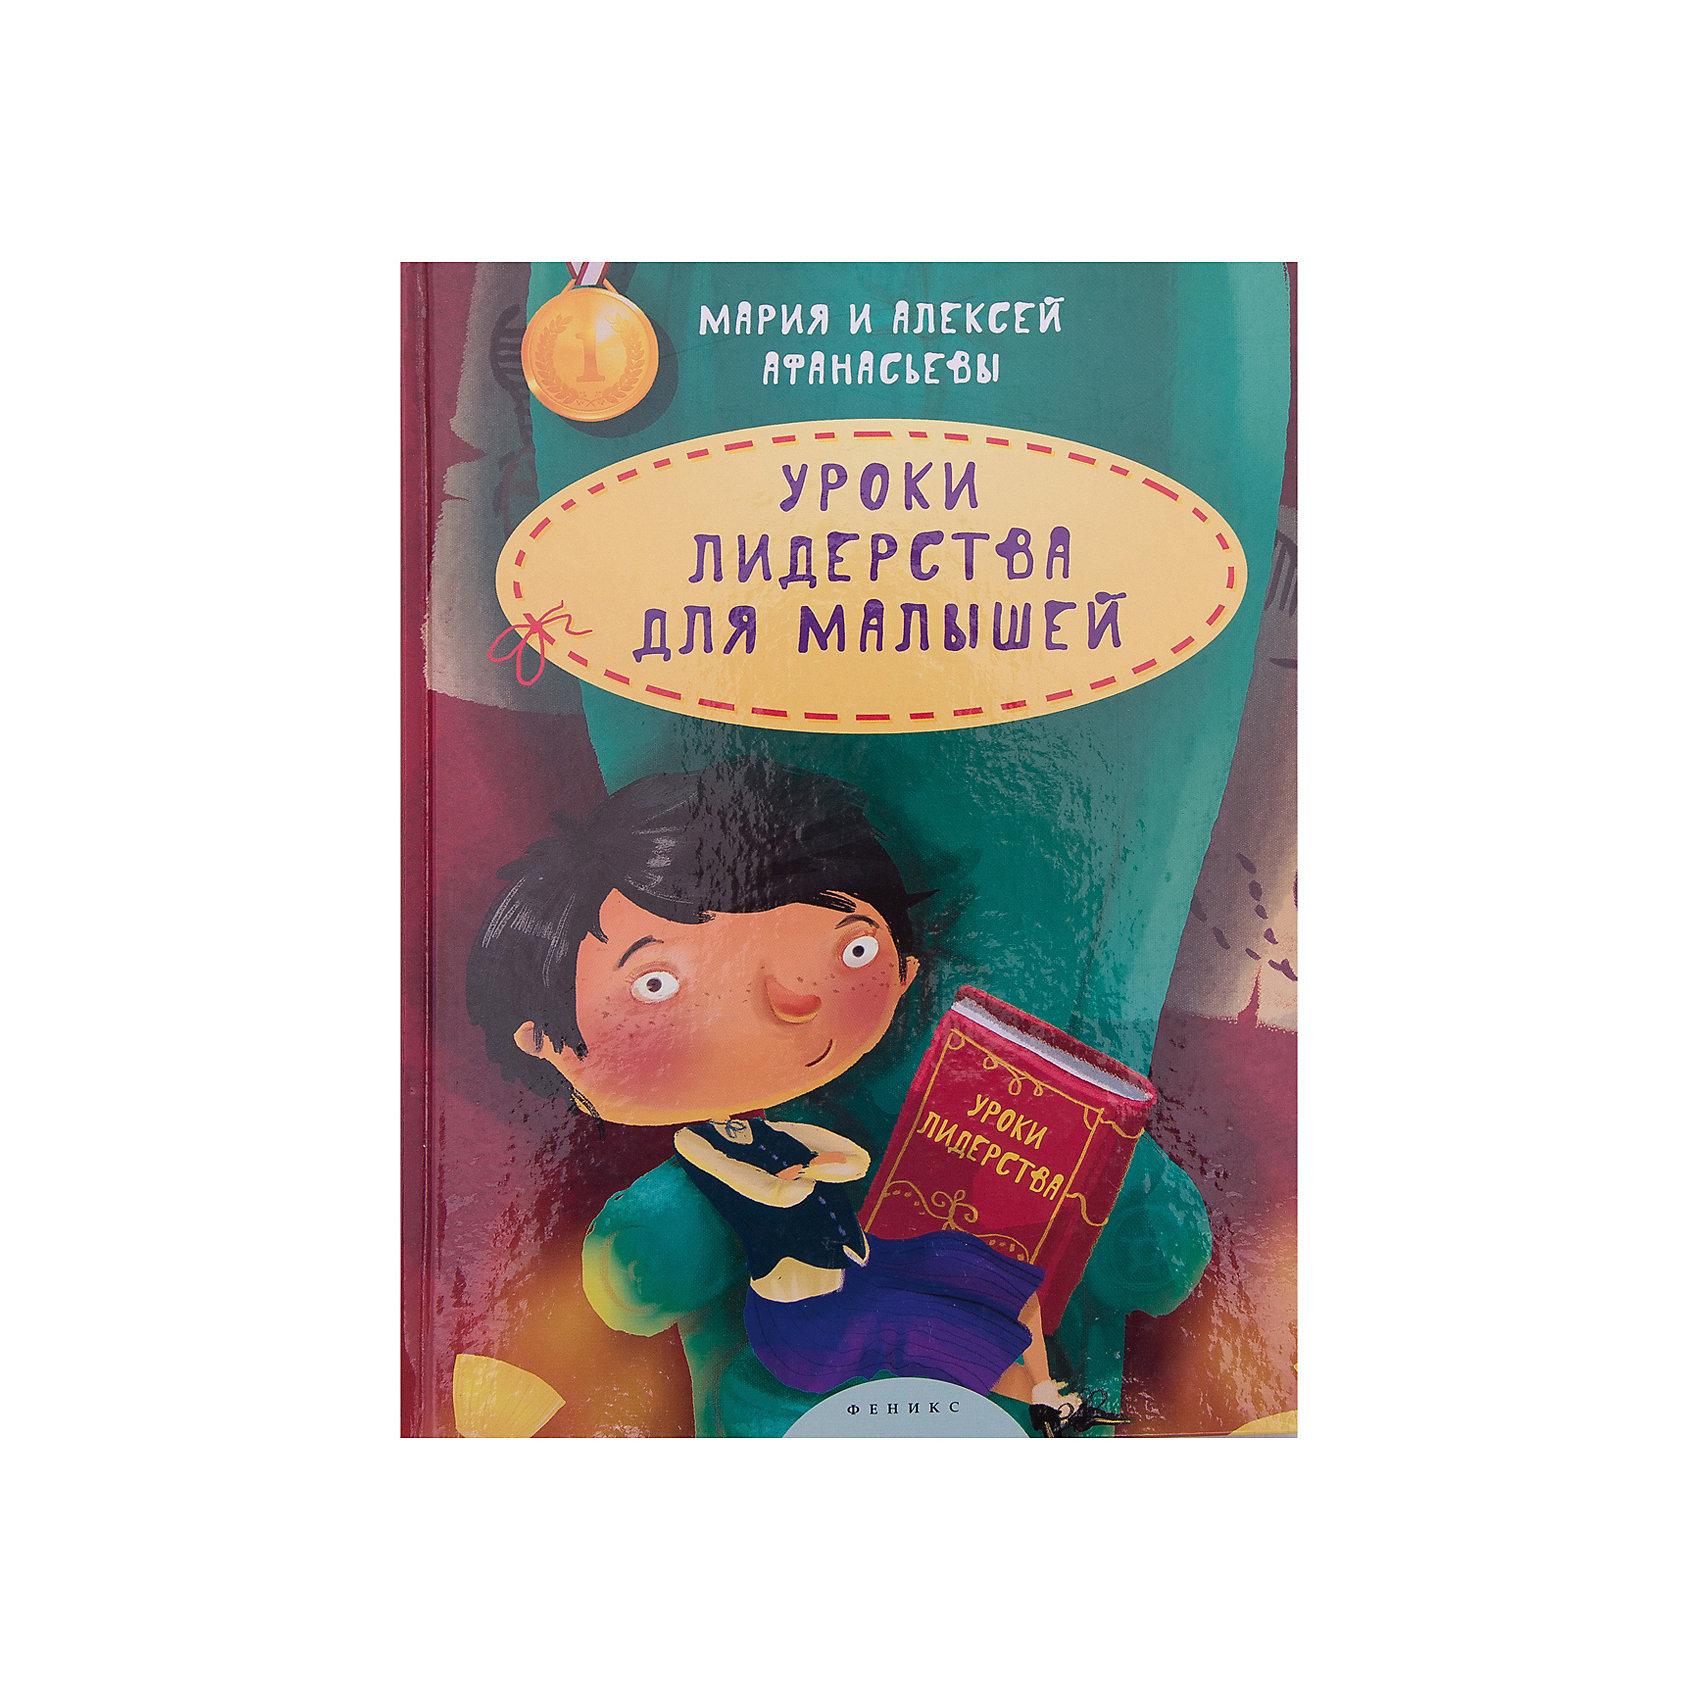 Уроки лидерства для малышей, М. и А. АфанасьевыКниги по педагогике<br>Книга Уроки лидерства для малышей<br><br>Характеристики: <br><br>• Кол-во страниц: 108<br>• ISBN: 9785222256282<br>• Возраст: 6+<br>• Обложка: мягкая<br>• Формат: а4<br><br>Эта книга расскажет ребенку как развить в себе ответственность и гибкость, как научиться быть лидером и впустить творчество в свою жизнь, а так же как стать тем, кто подает окружающим пример. Книга написана легким и увлекательным языком, а так же снабжена интересными заданиями, которые сделают процесс усвоения материала для ребенка более простым и удобным.<br><br>Книга Уроки лидерства для малышей можно купить в нашем интернет-магазине.<br><br>Ширина мм: 262<br>Глубина мм: 203<br>Высота мм: 110<br>Вес г: 495<br>Возраст от месяцев: 72<br>Возраст до месяцев: 2147483647<br>Пол: Унисекс<br>Возраст: Детский<br>SKU: 5464580